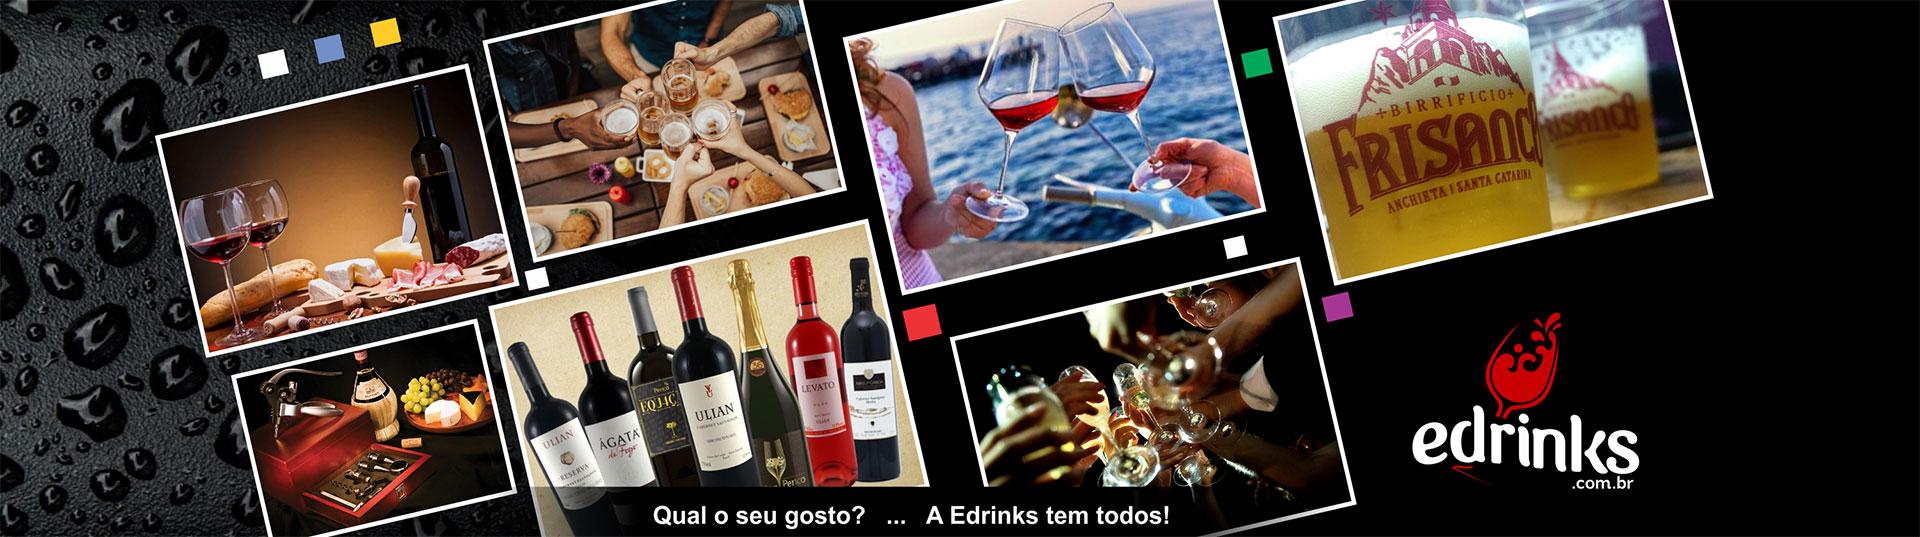 Vinhos Edrinks